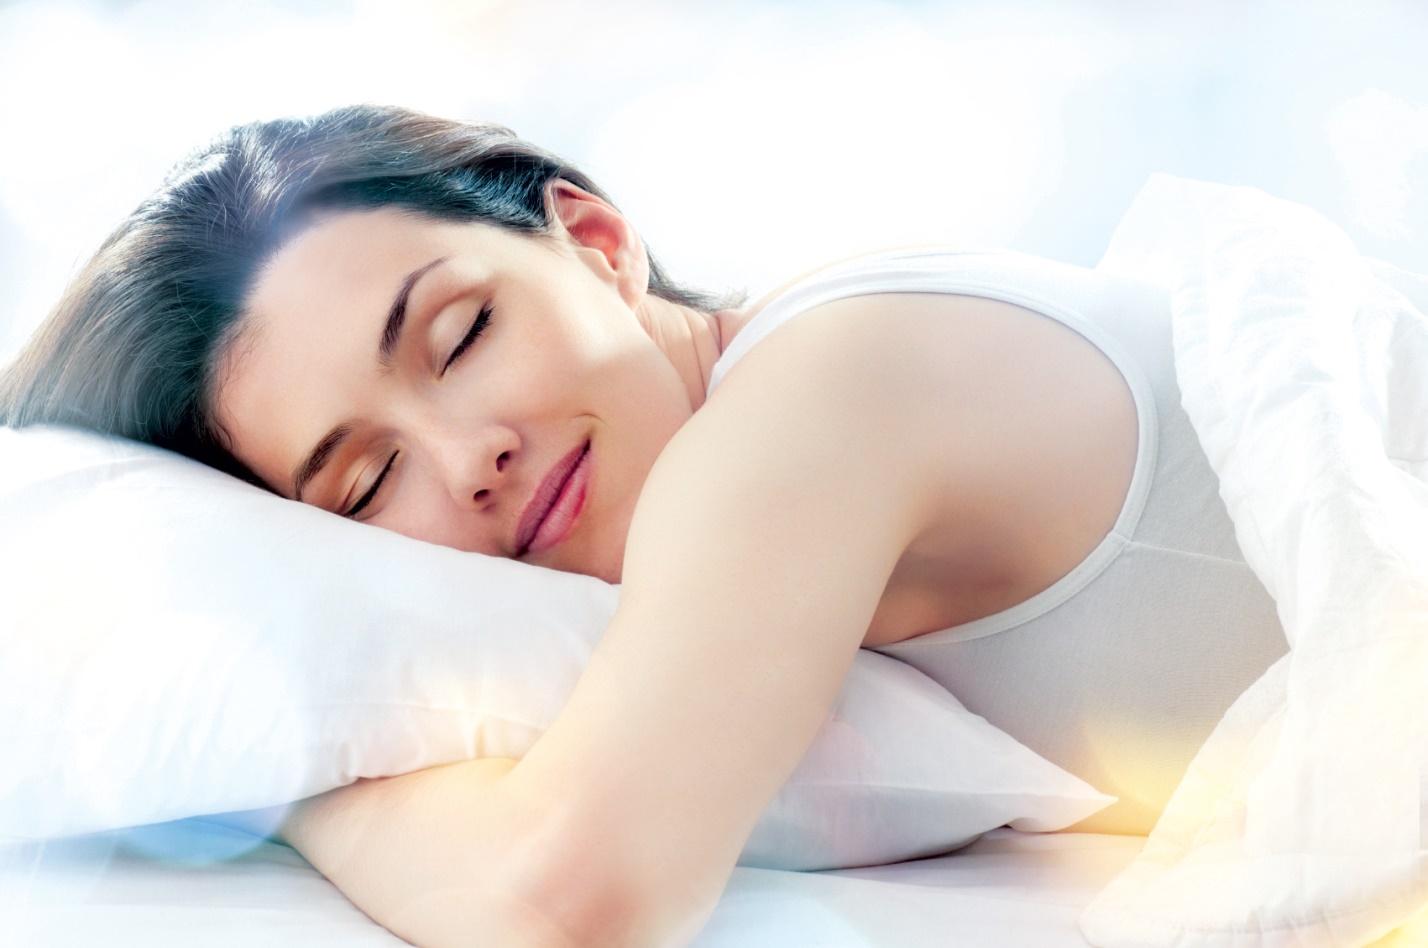 vì sao chị em phụ nữ nên để gừng dưới gối trị mất ngủ